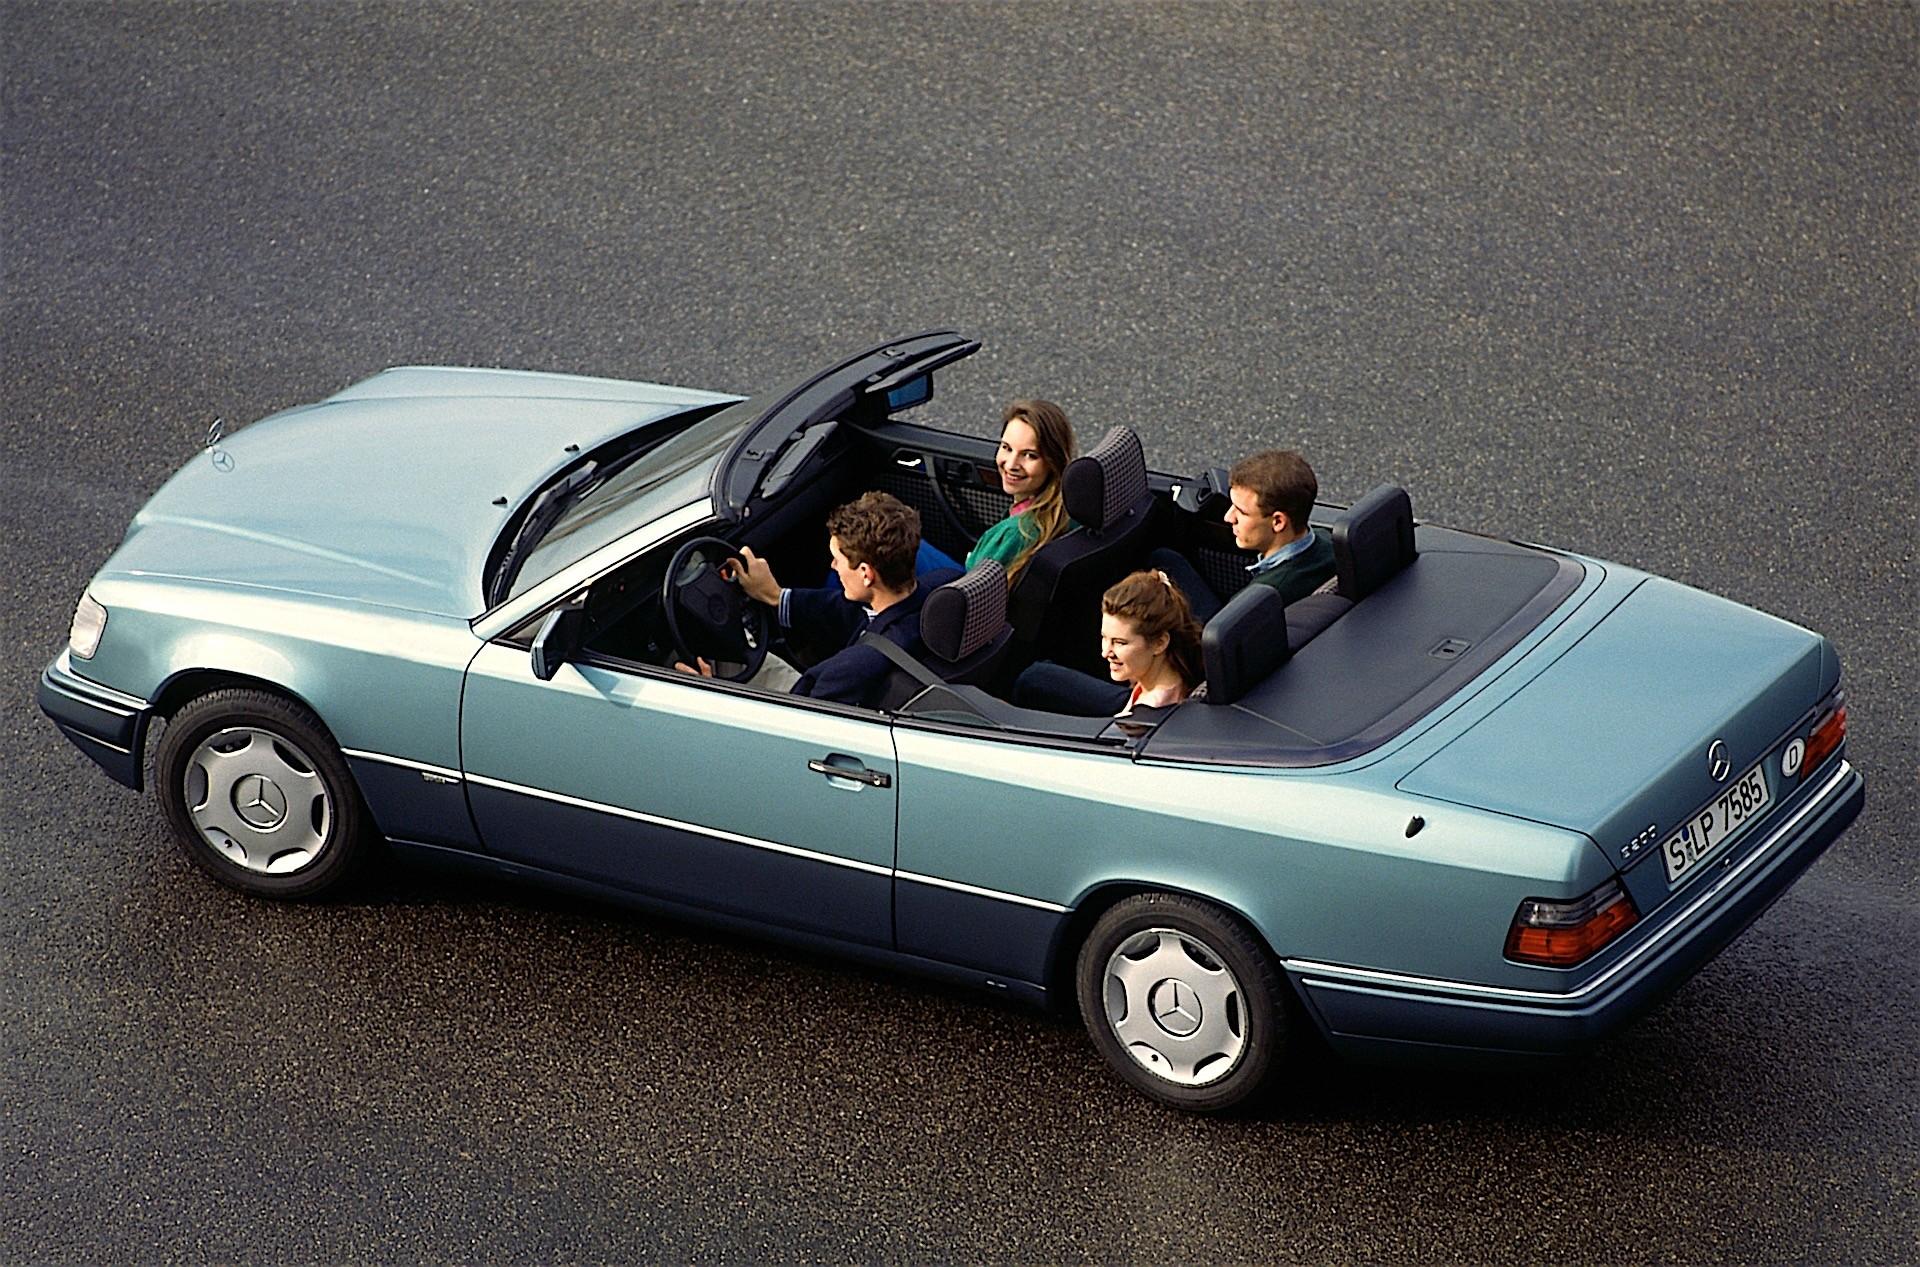 Mercedes Benz Celebrates 25th Anniversary Of E Class